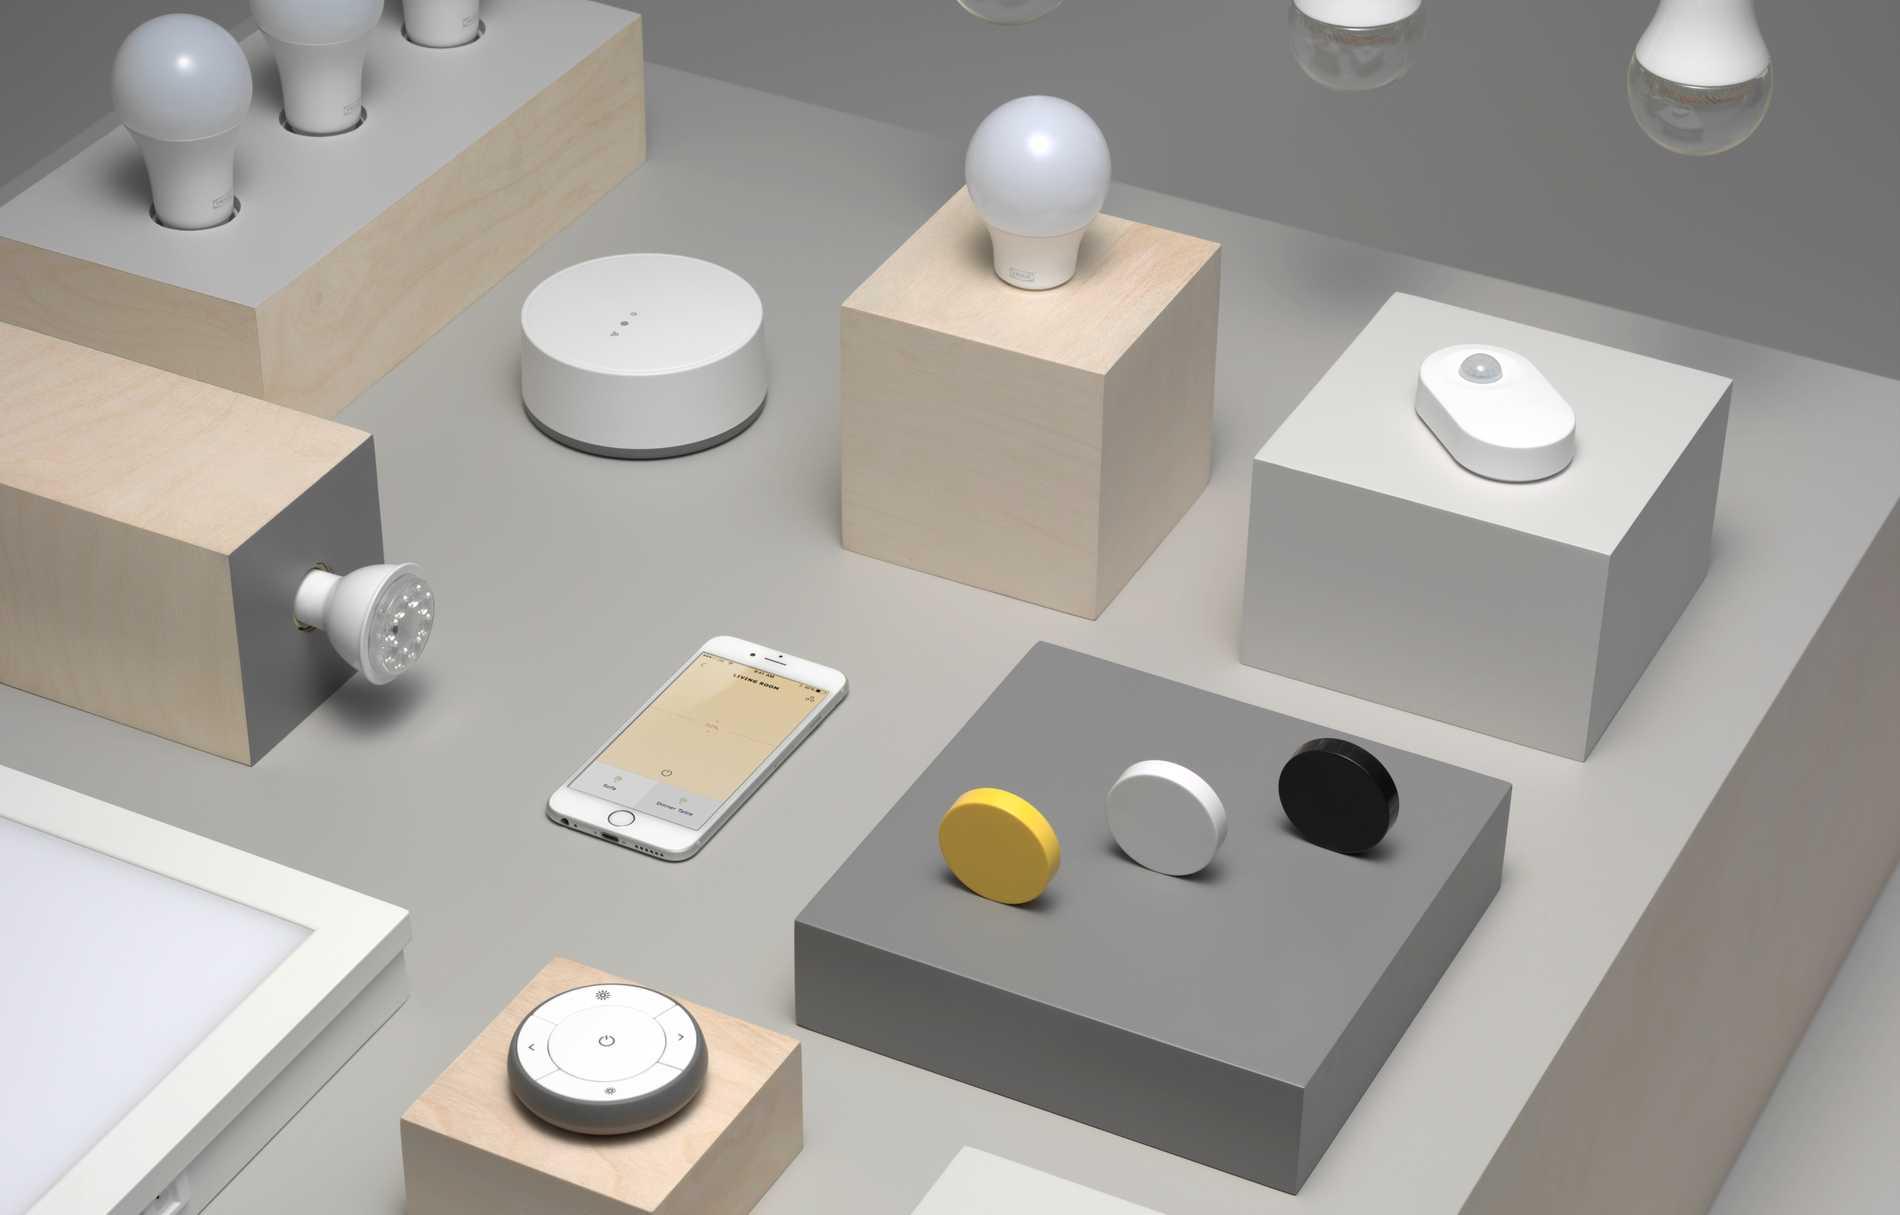 Ikea satsar på smarta produkter som lampor, eluttag och snart rullgardiner.